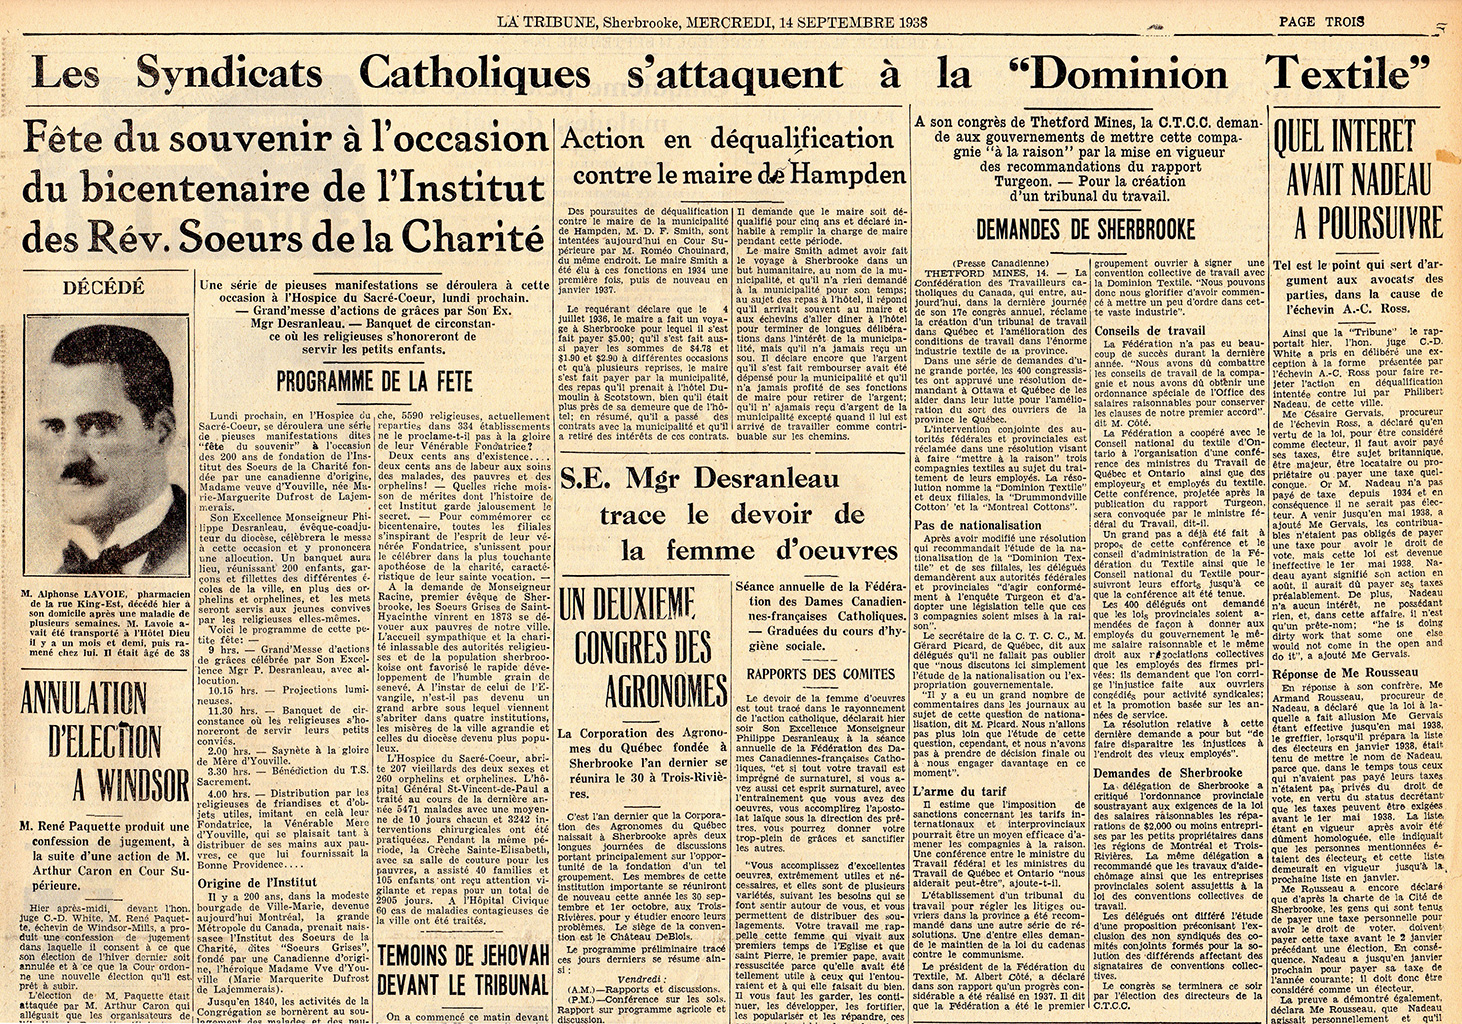 La CTCC est très impliquée dans les grèves qui touchent plusieurs usines de la Dominion Textile un peu partout au Québec en 1937, dont à Sherbrooke.